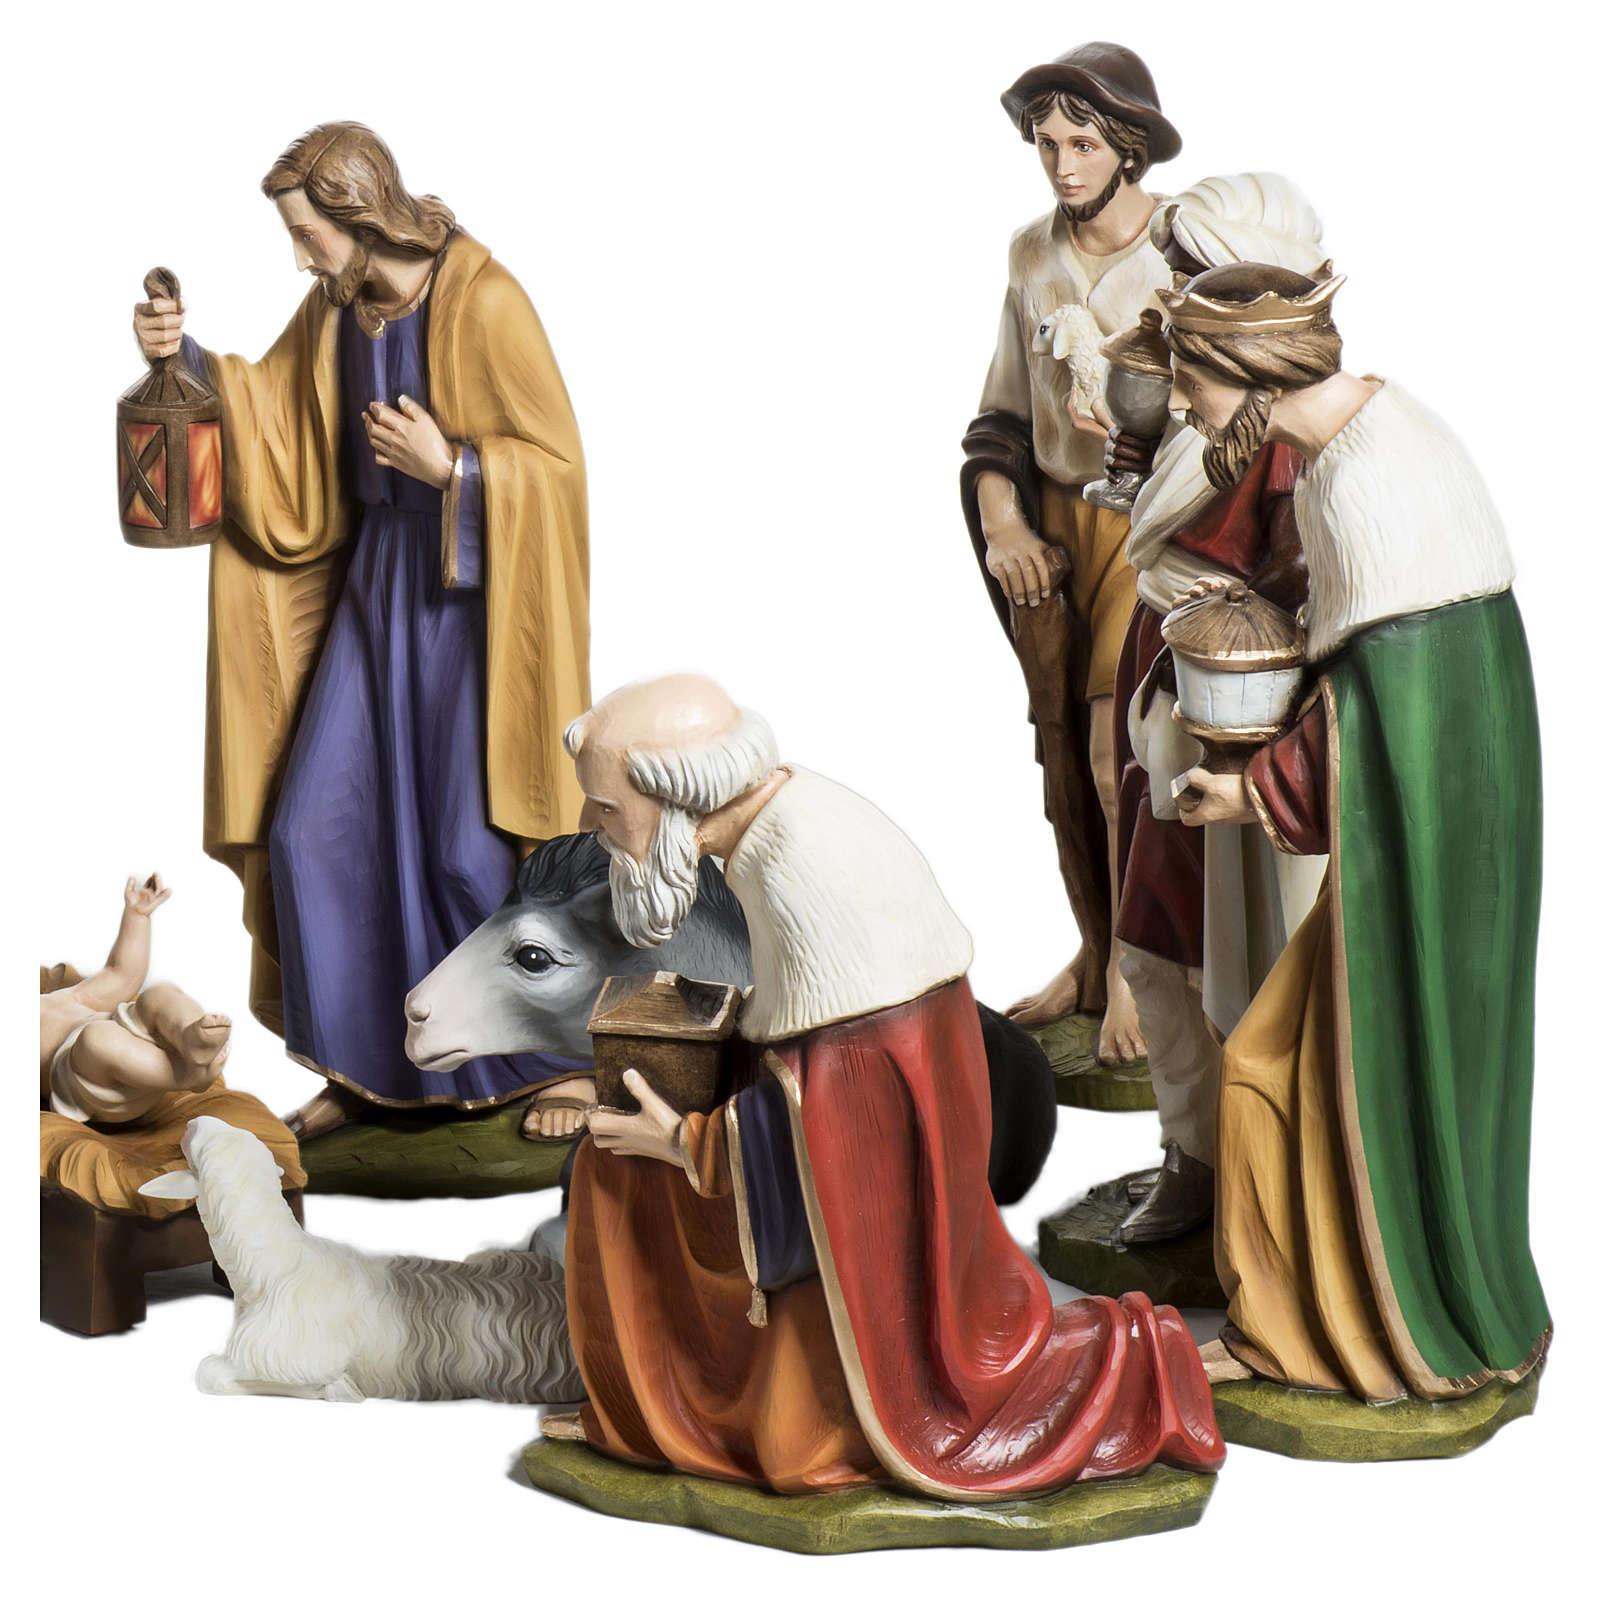 Presepe completo vetroresina 60 cm 15 statue PER ESTERNO 4